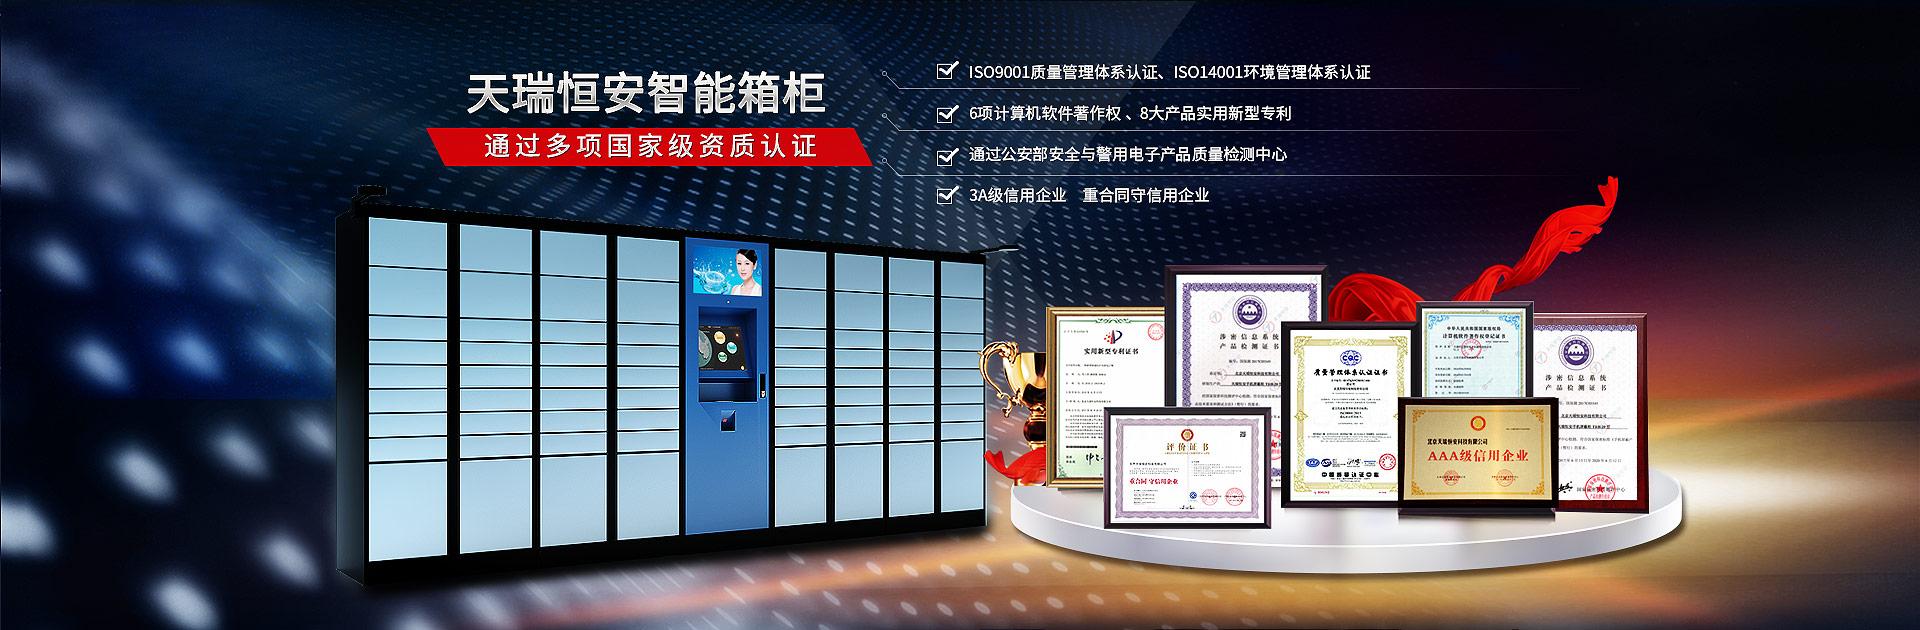 天瑞恒安智能箱柜通过多项国家级资质认证